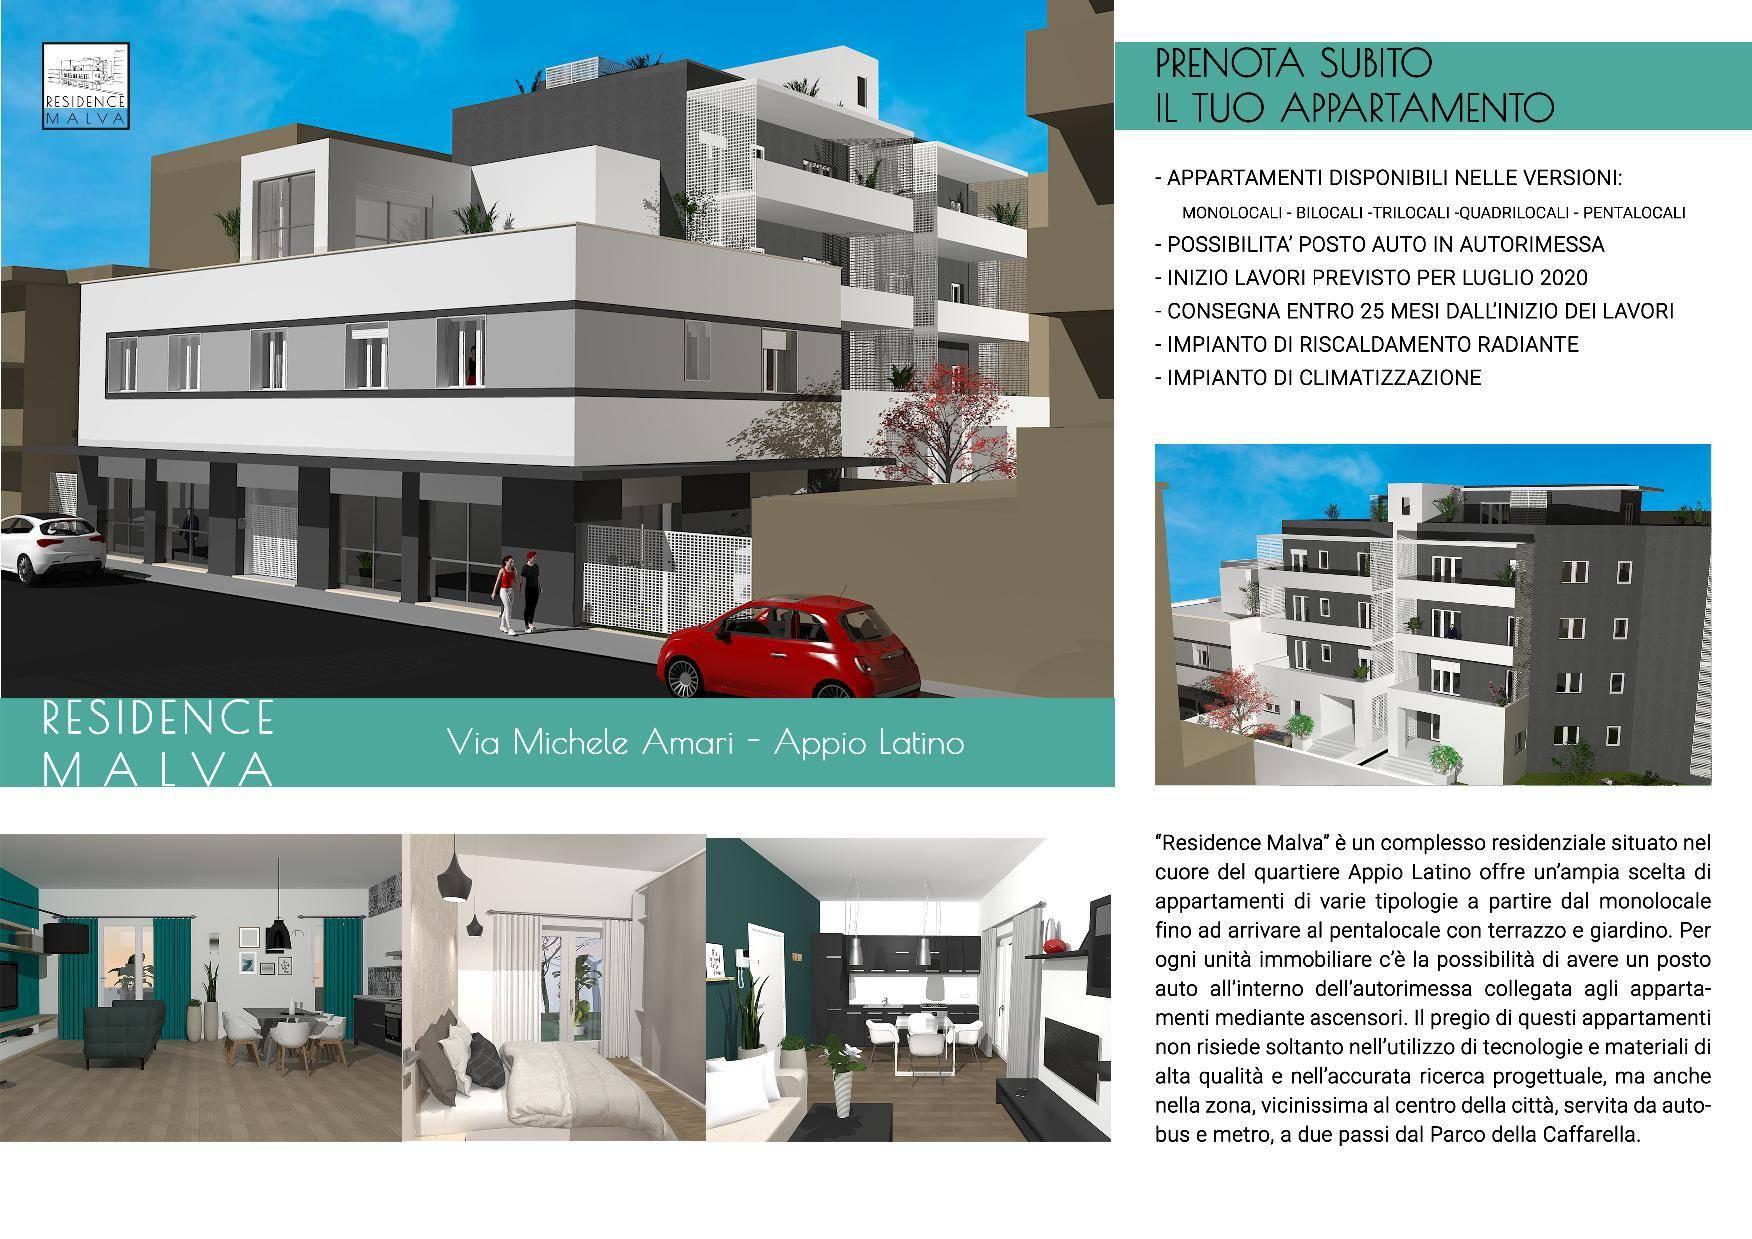 1118417374 Appartamento in vendita Roma Appio Latino Nuove Costruzioni